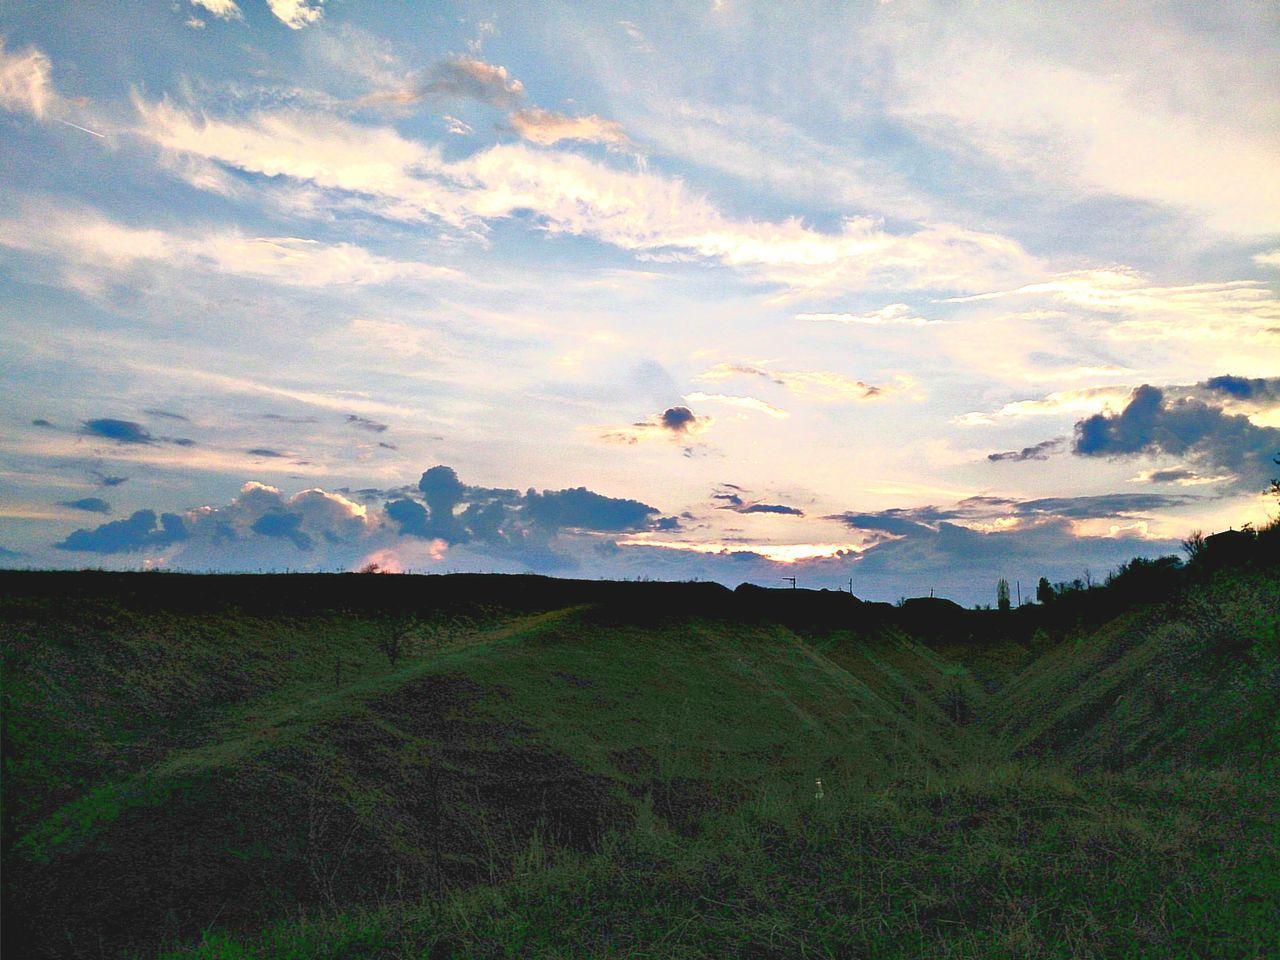 небо небо облака небо⛅️ облака Закат закат🌇 воронежская область